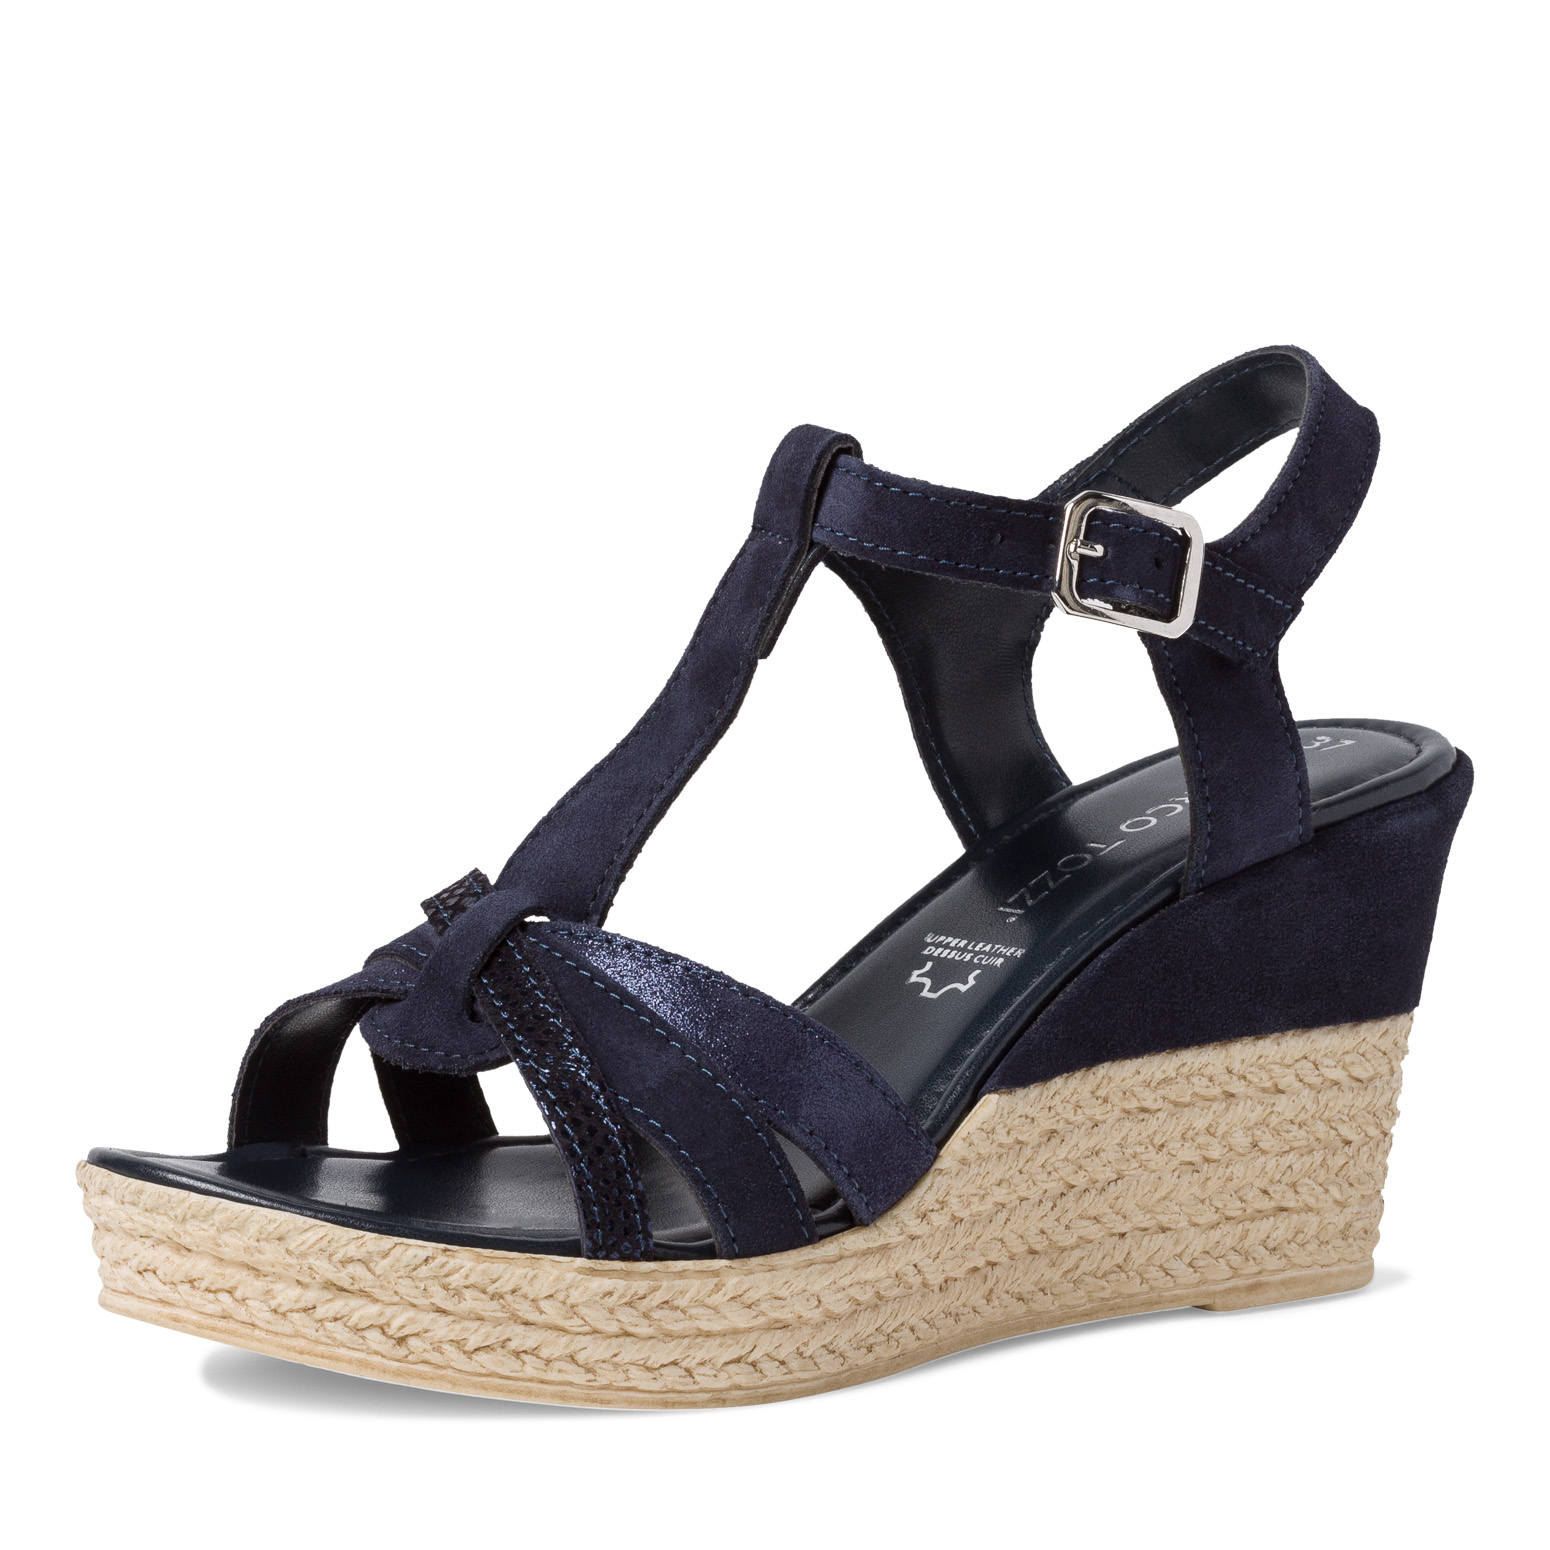 Sandale compensée Marco Tozzi 28387 890